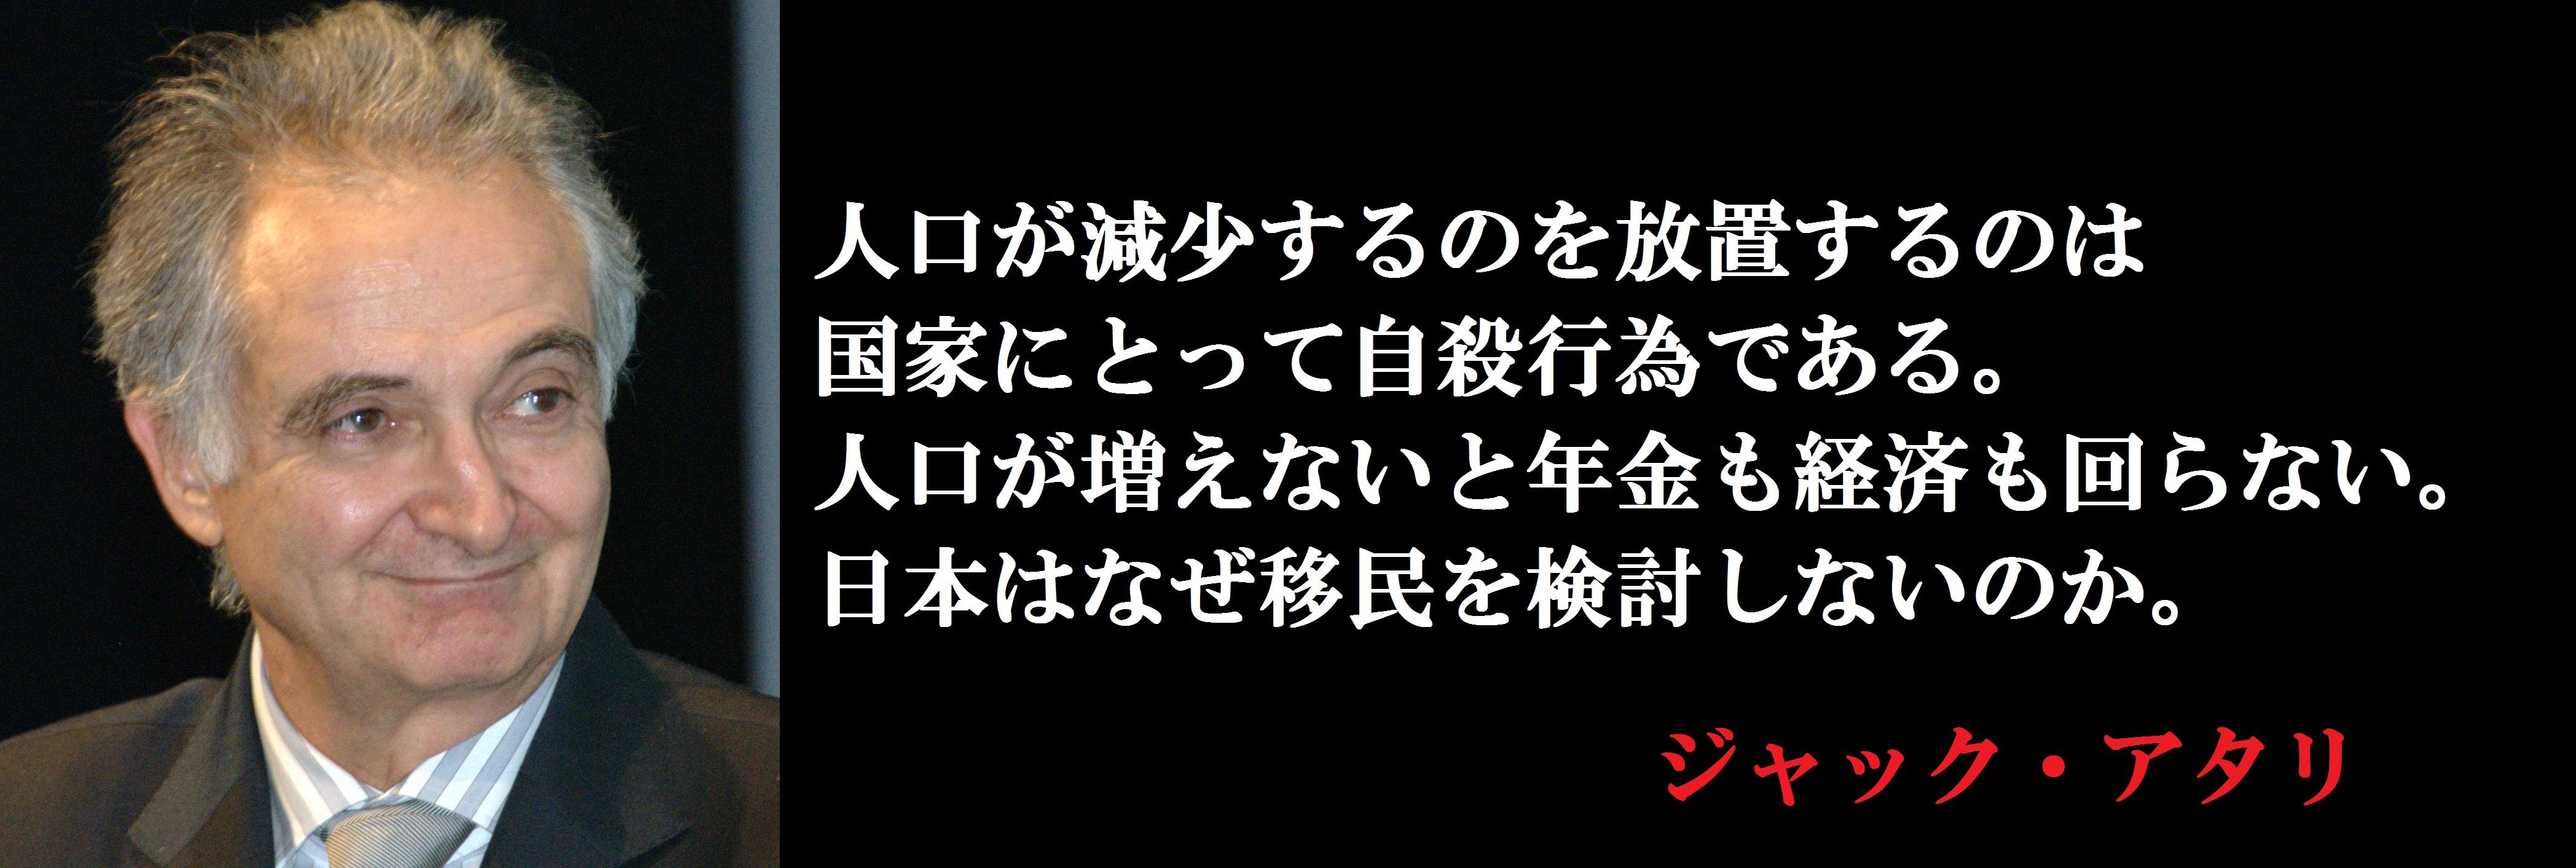 f:id:JAPbuster:20160908180127j:plain